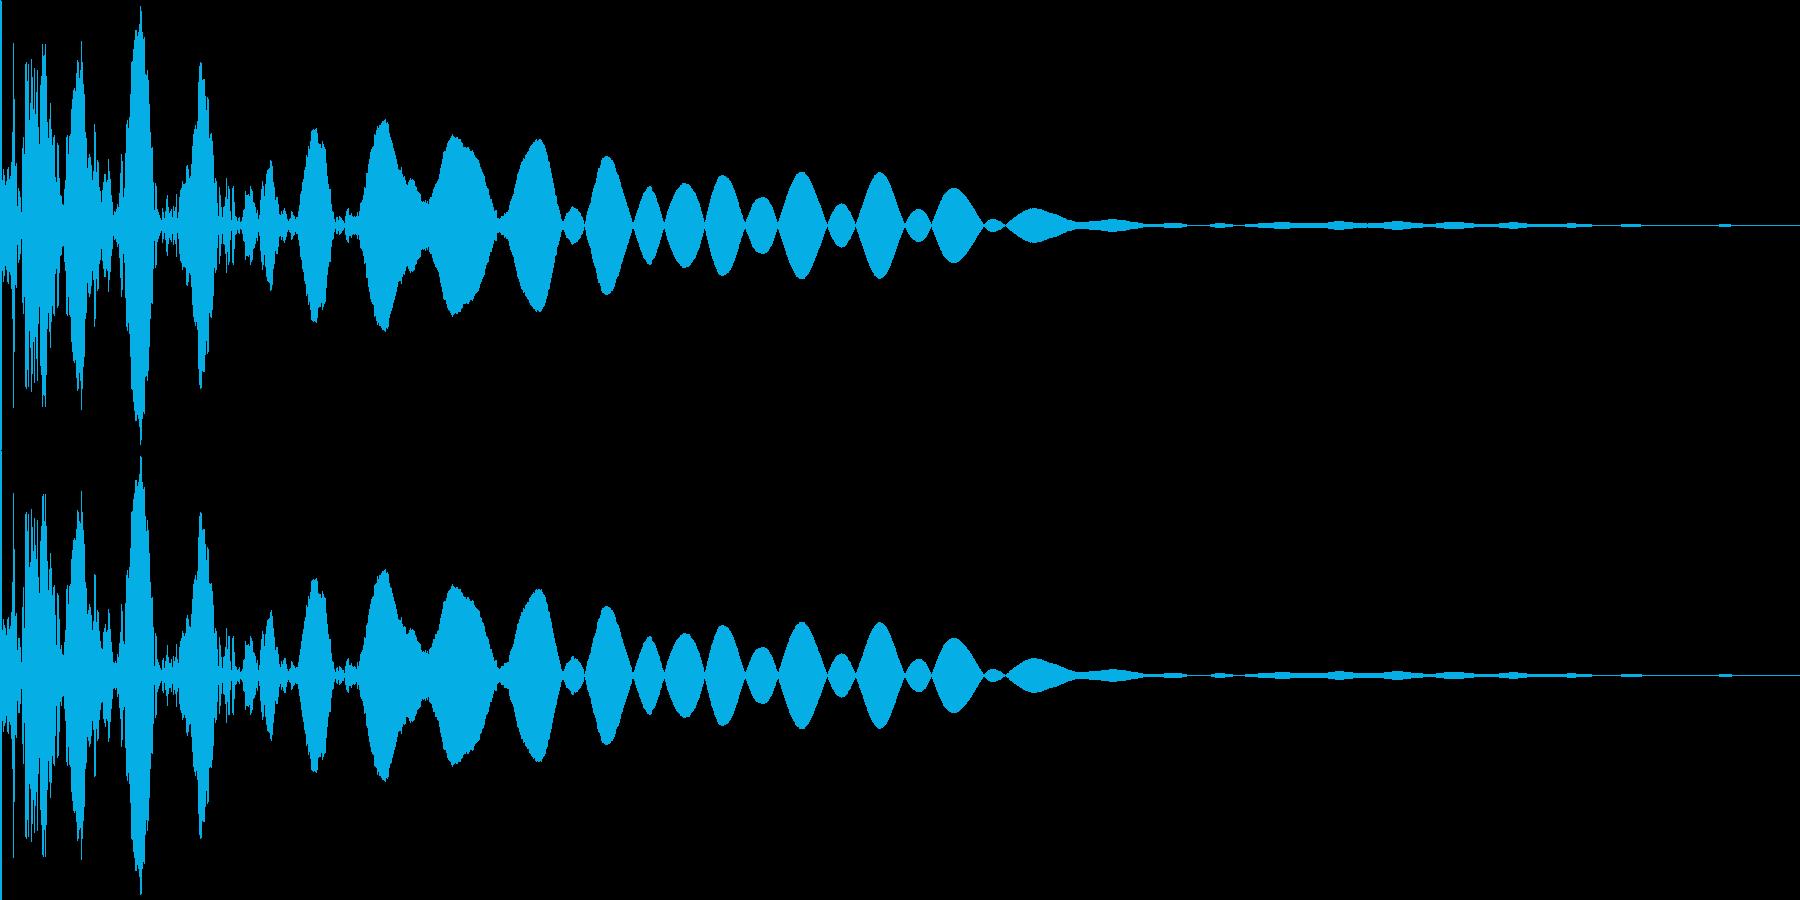 ボールがバウンドするイメージの再生済みの波形